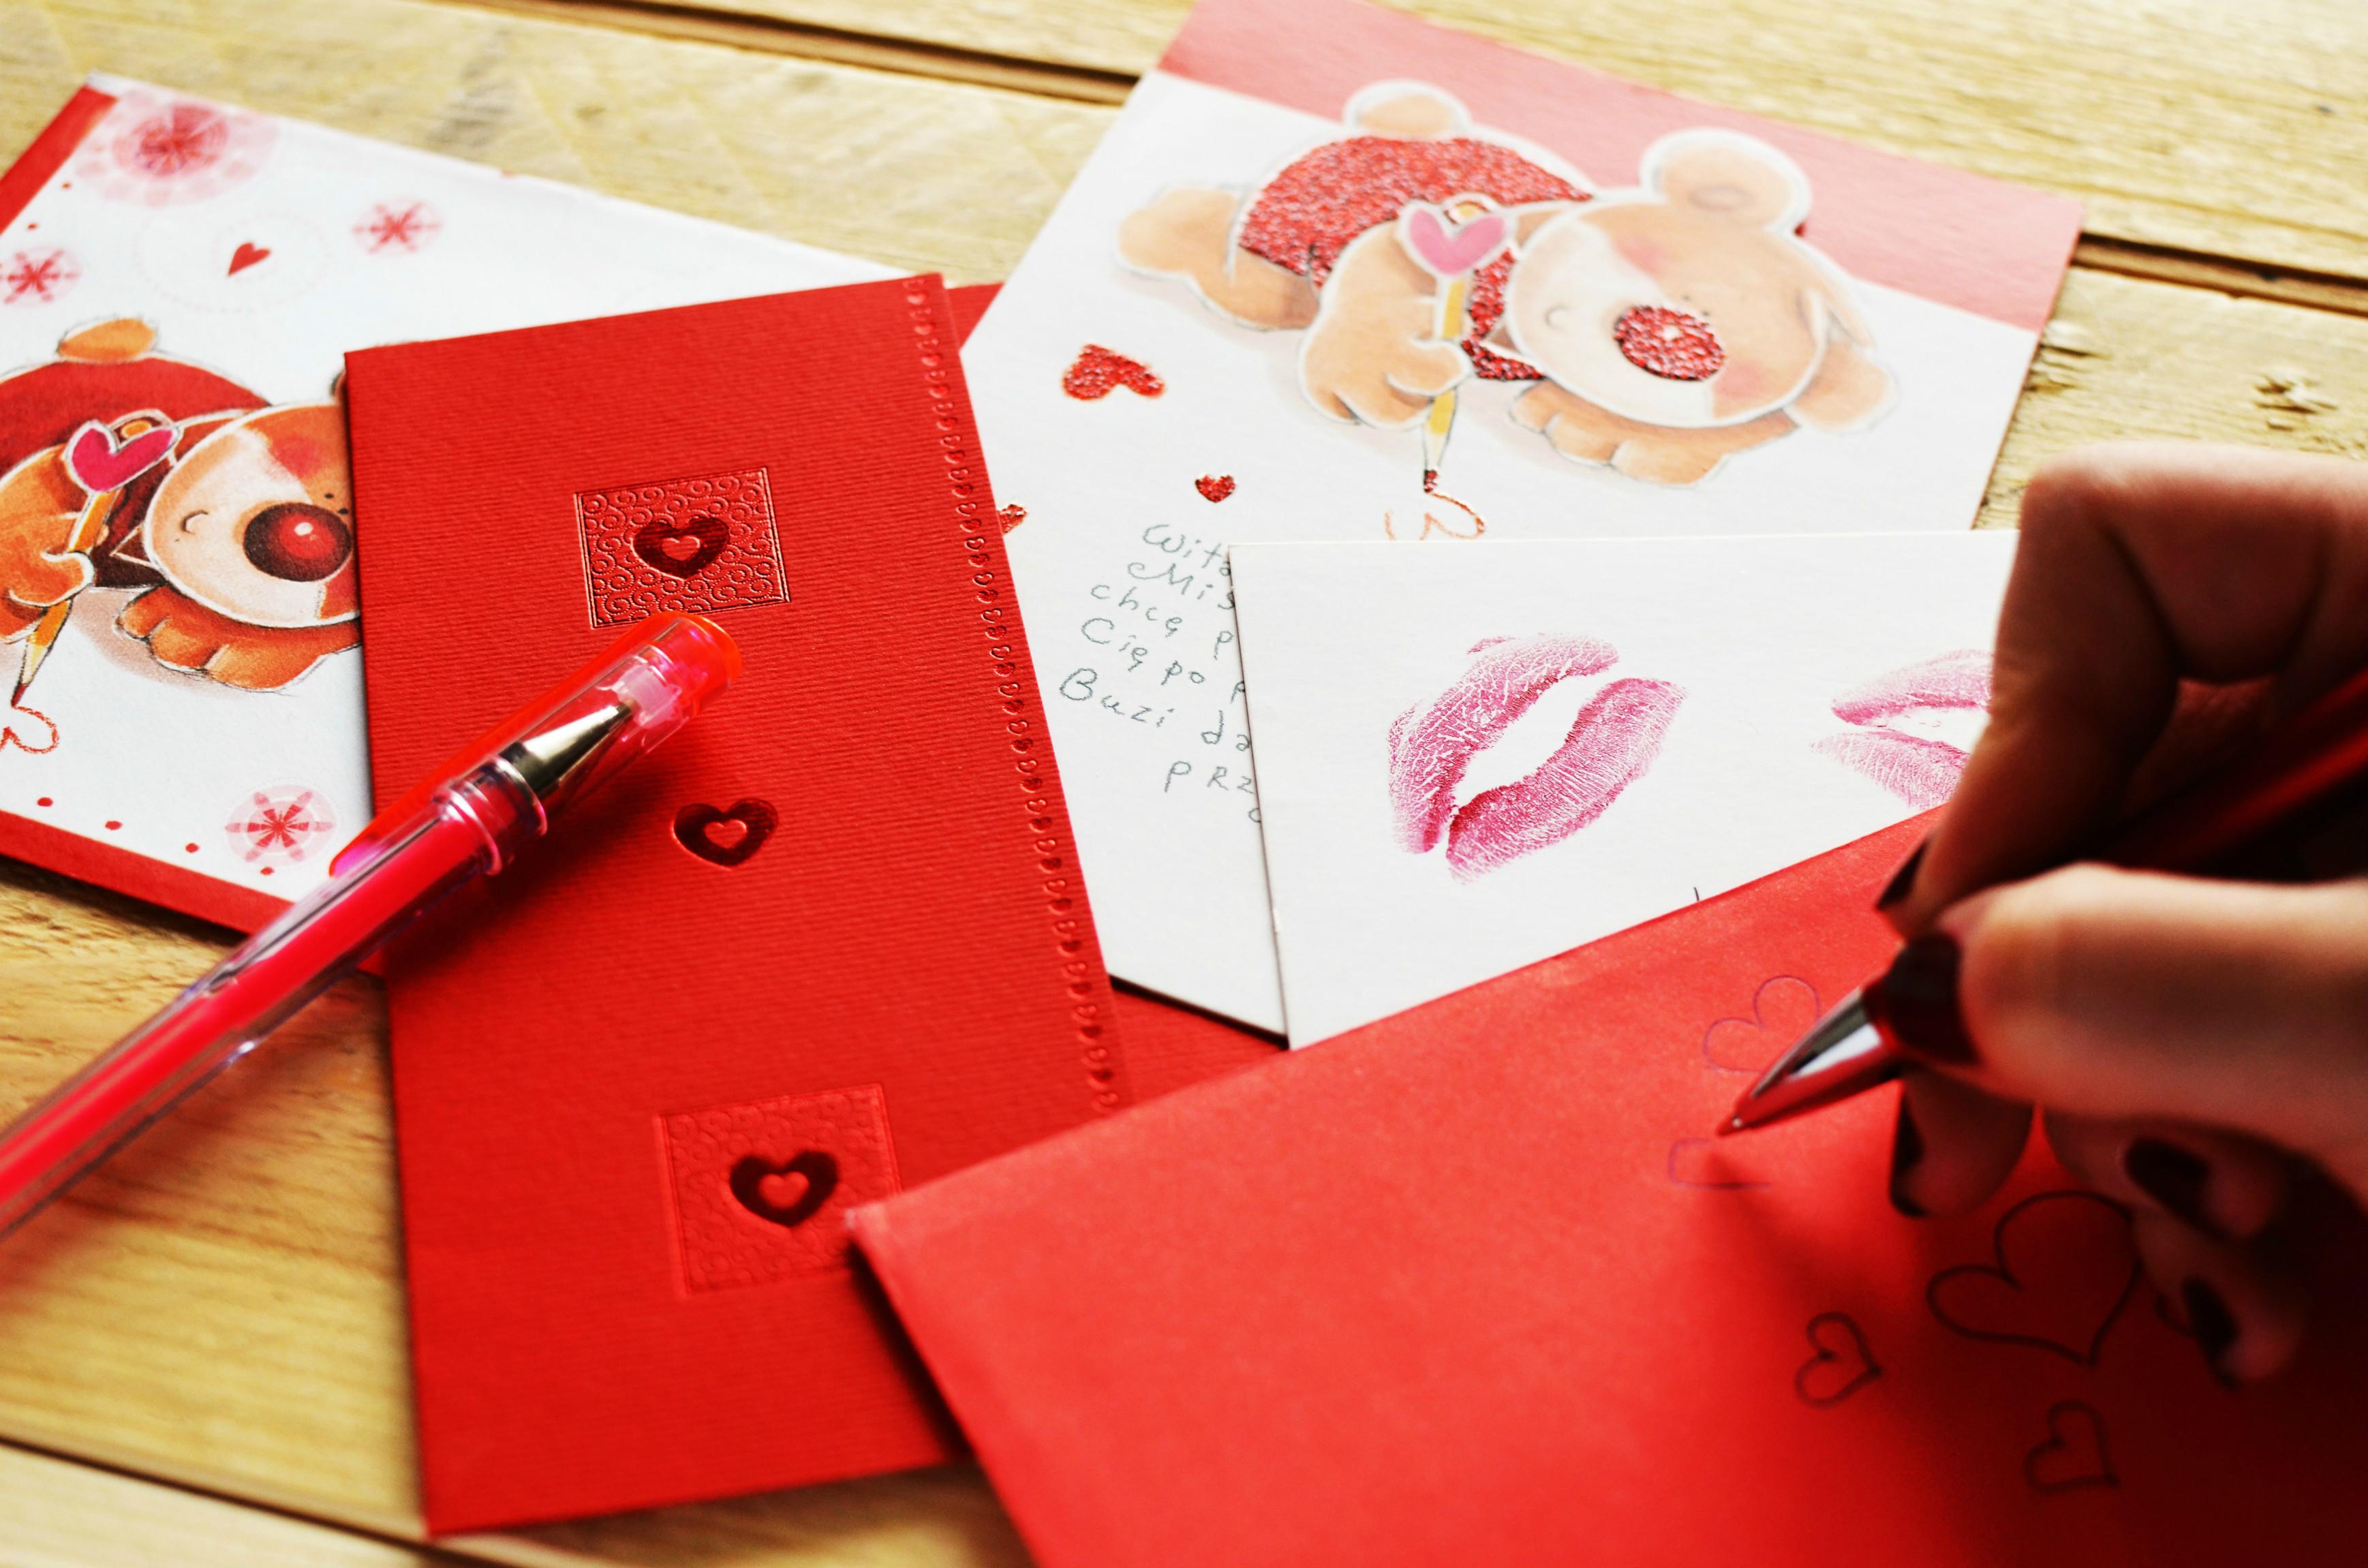 Quora Speaks: Worst Responses To I Love You